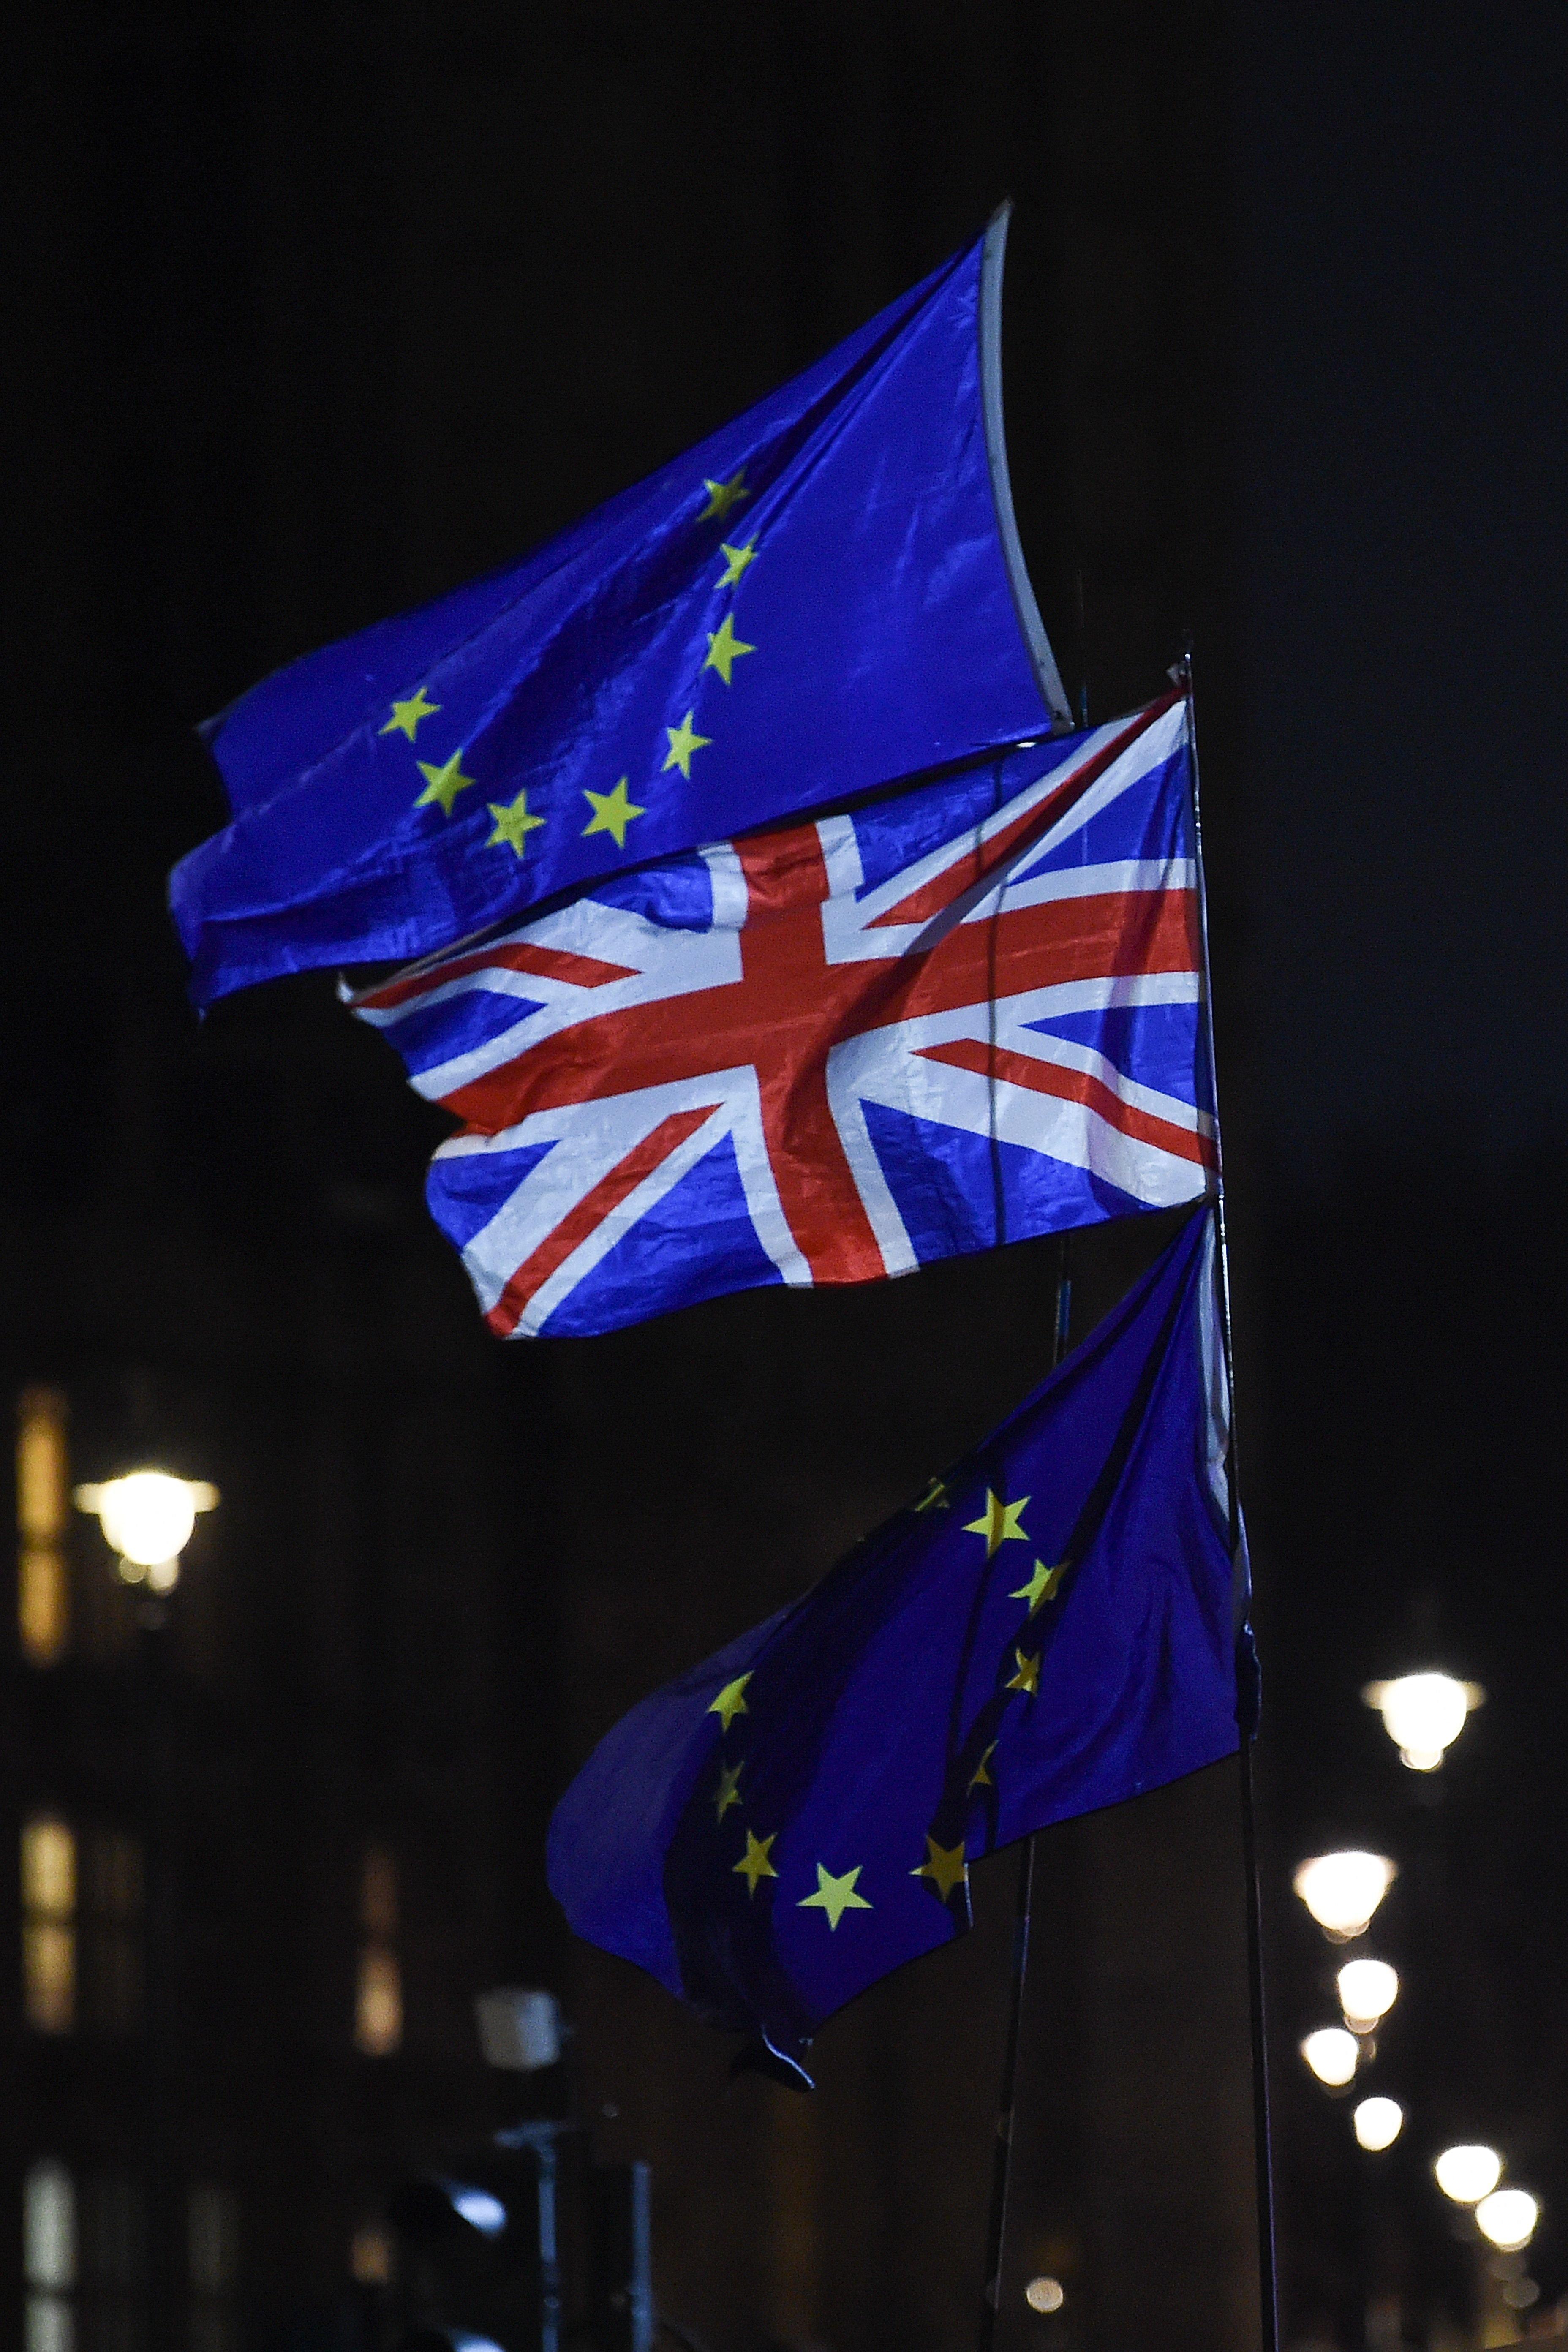 영국 브렉시트 합의안이 의회에서 '압도적'으로